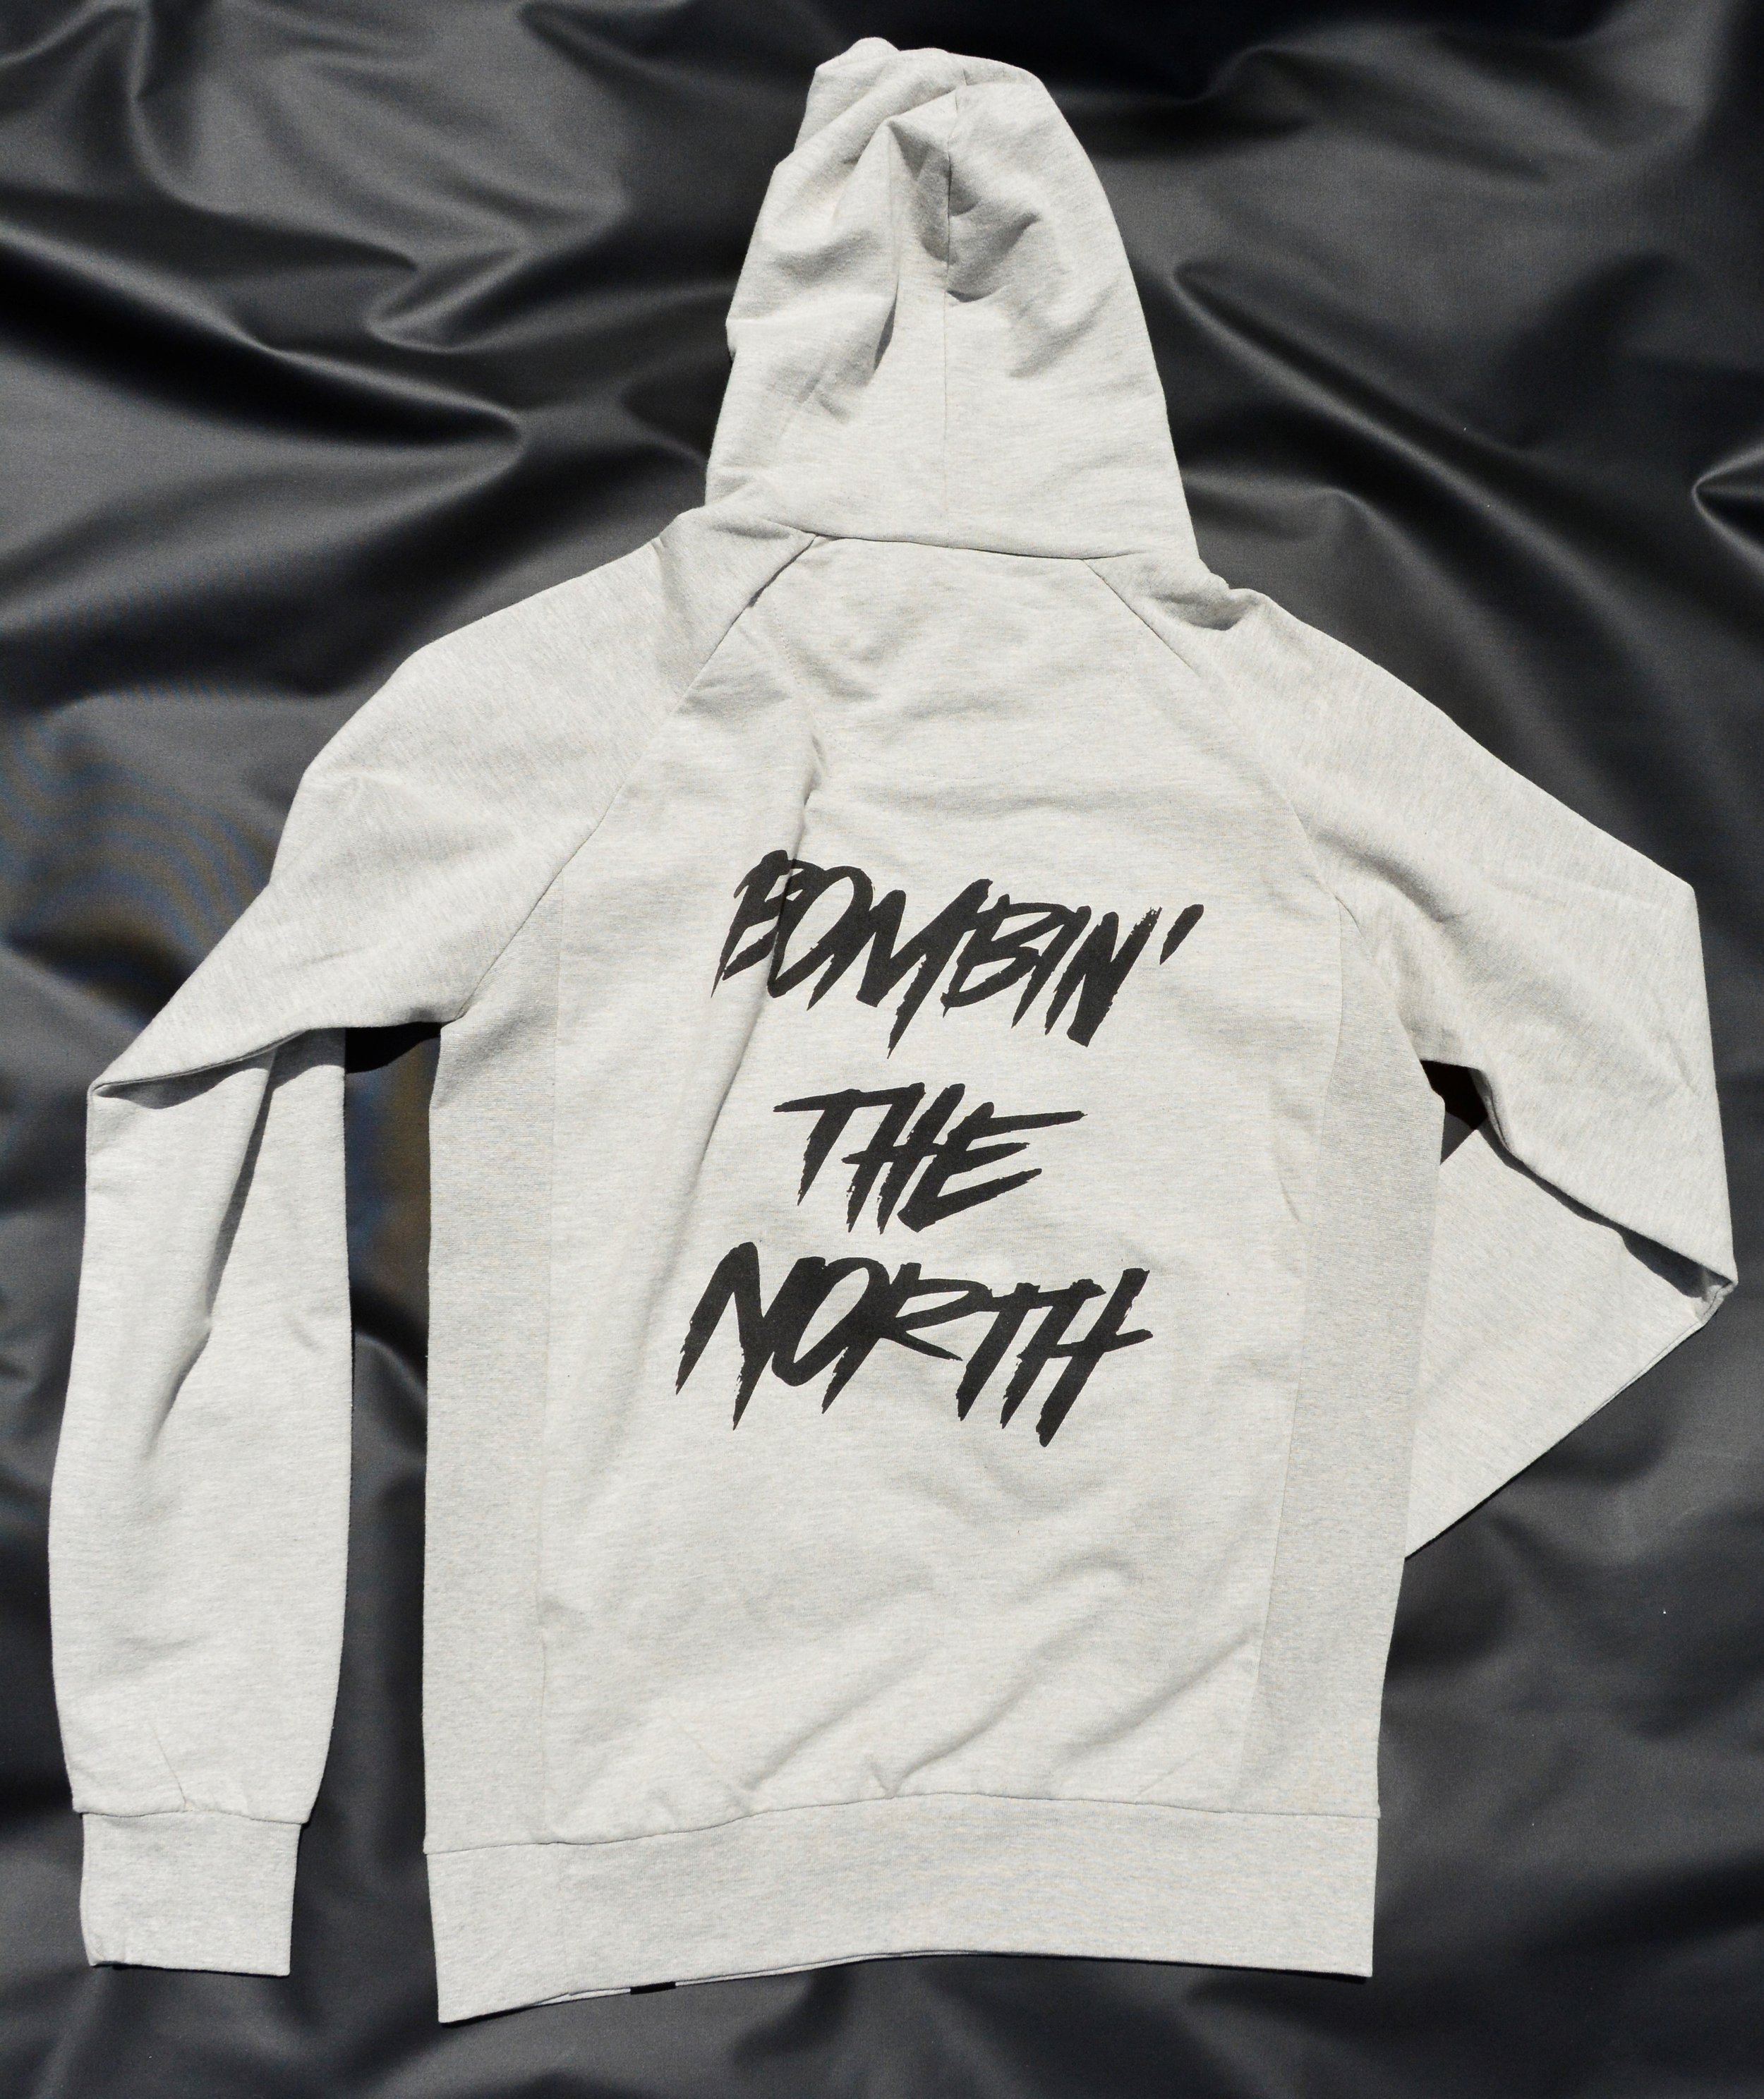 swimbait canada bombing the north hoodie